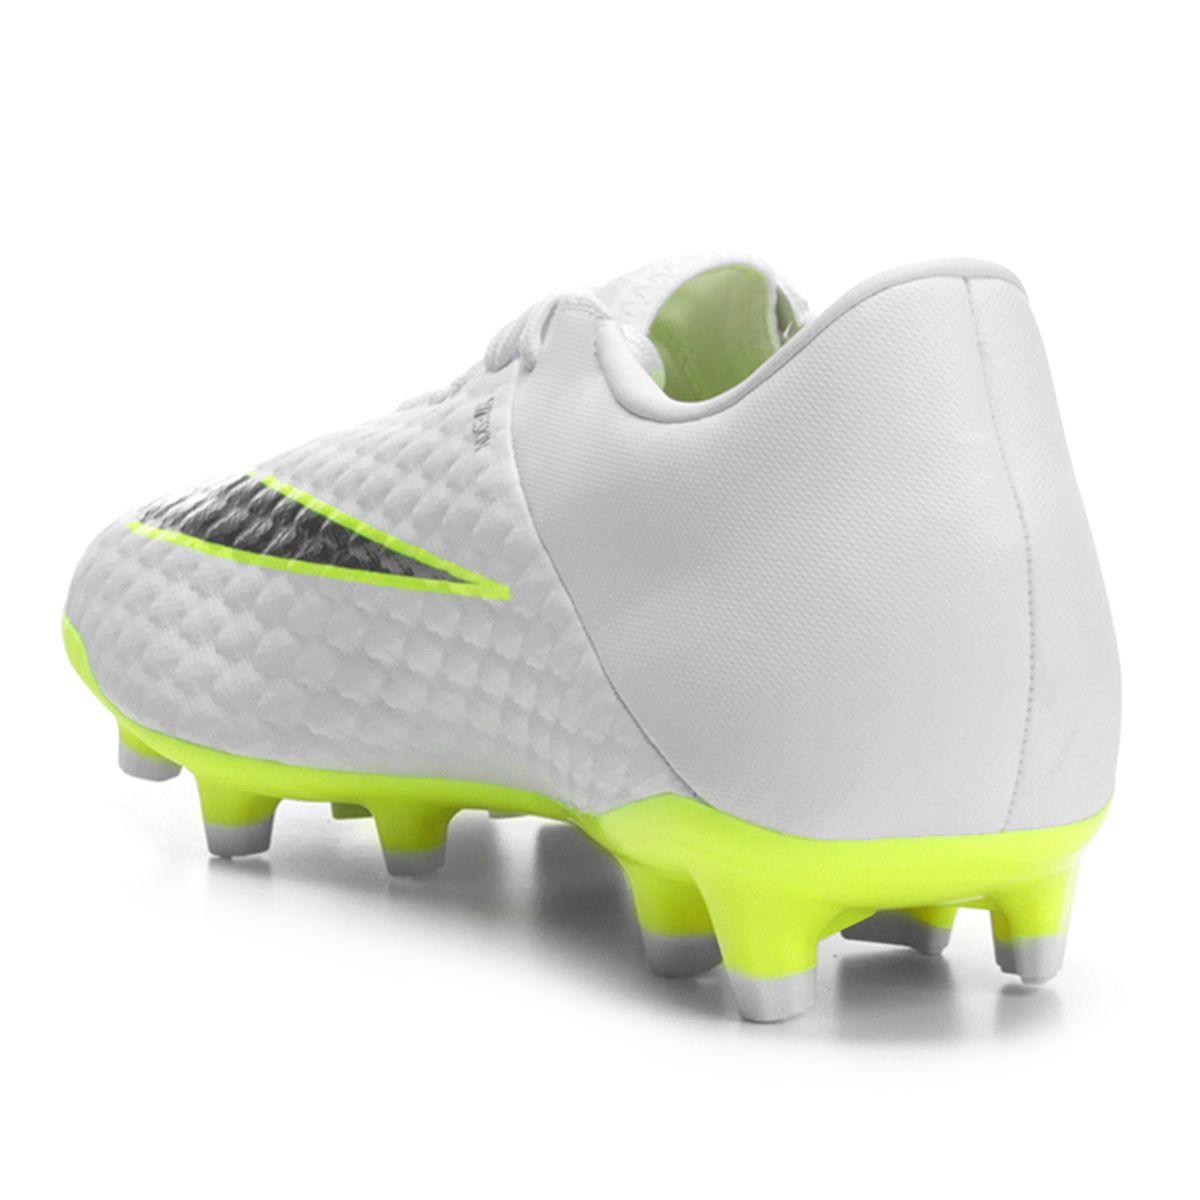 ff63431ec0306 Chuteira Campo Nike Hypervenom Phantom 3 Academy FG - Branco e Cinza - Compre  Agora